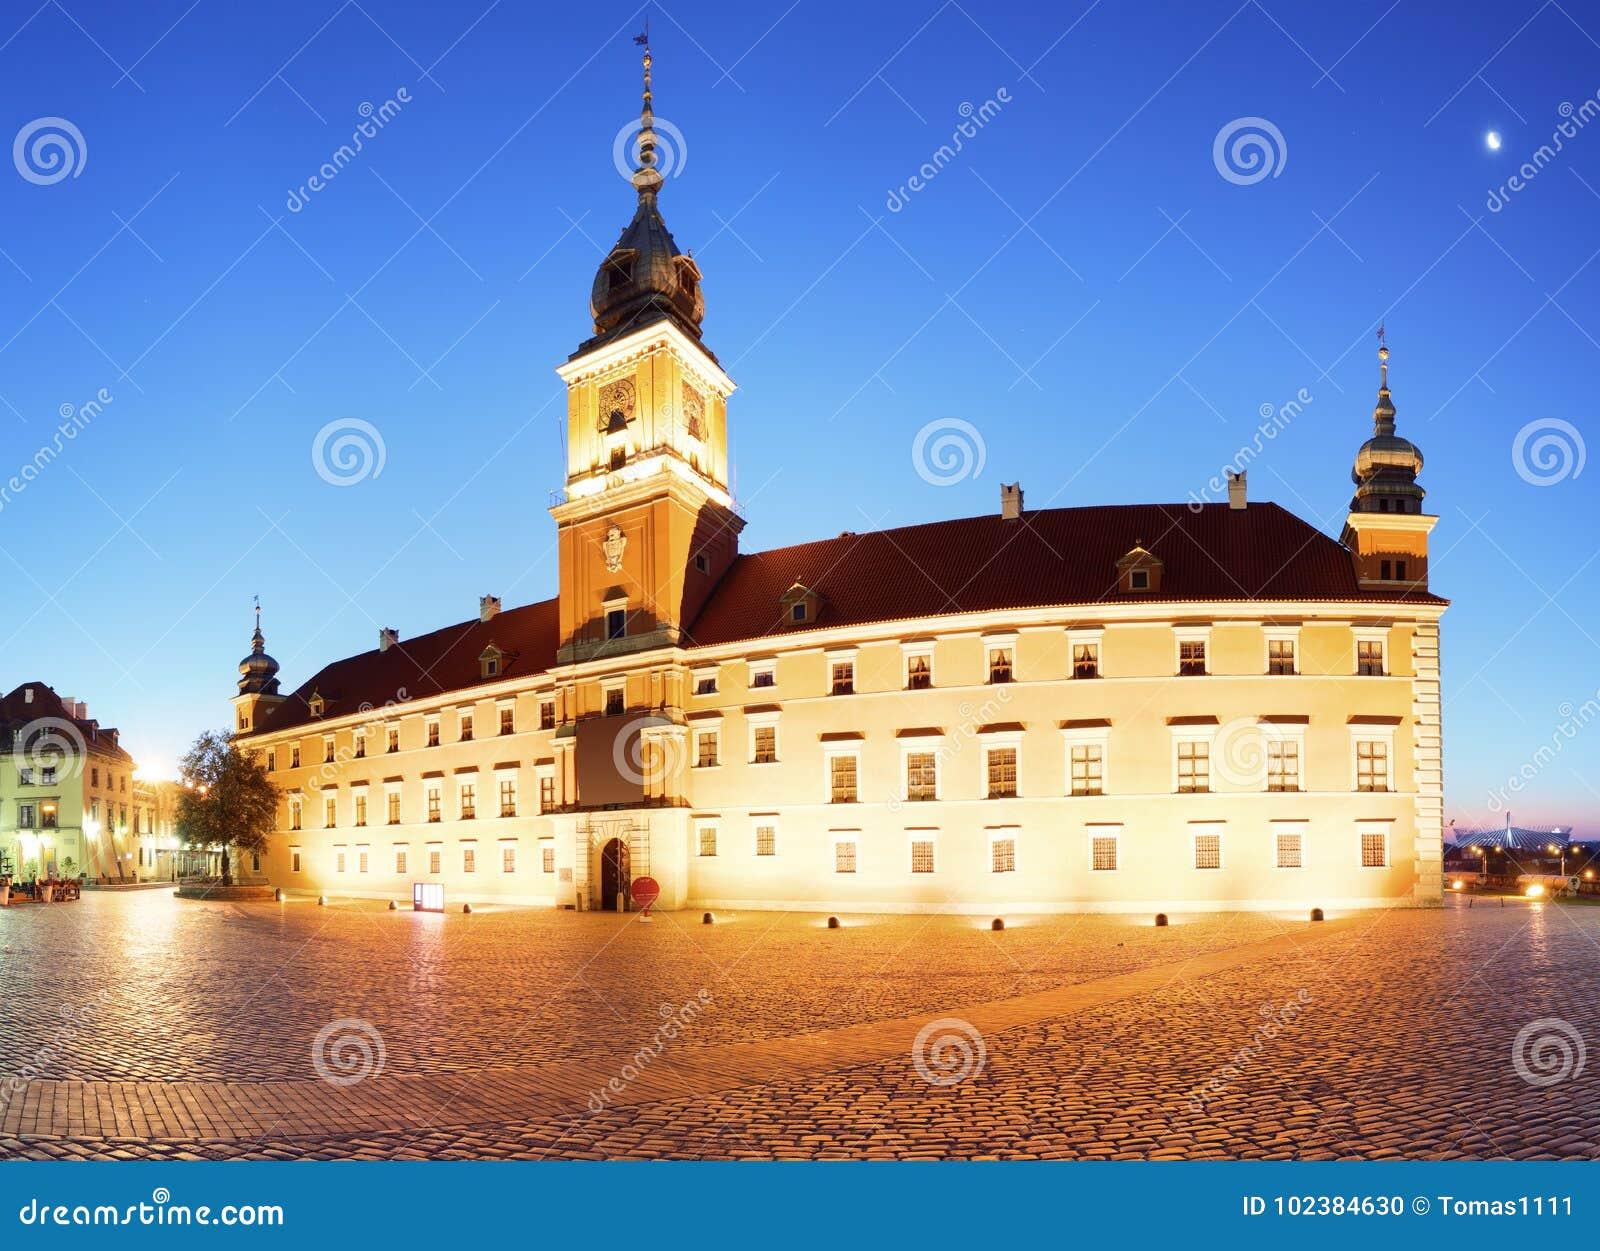 Королевский замок в старом городке Варшавы, Польши на вечере